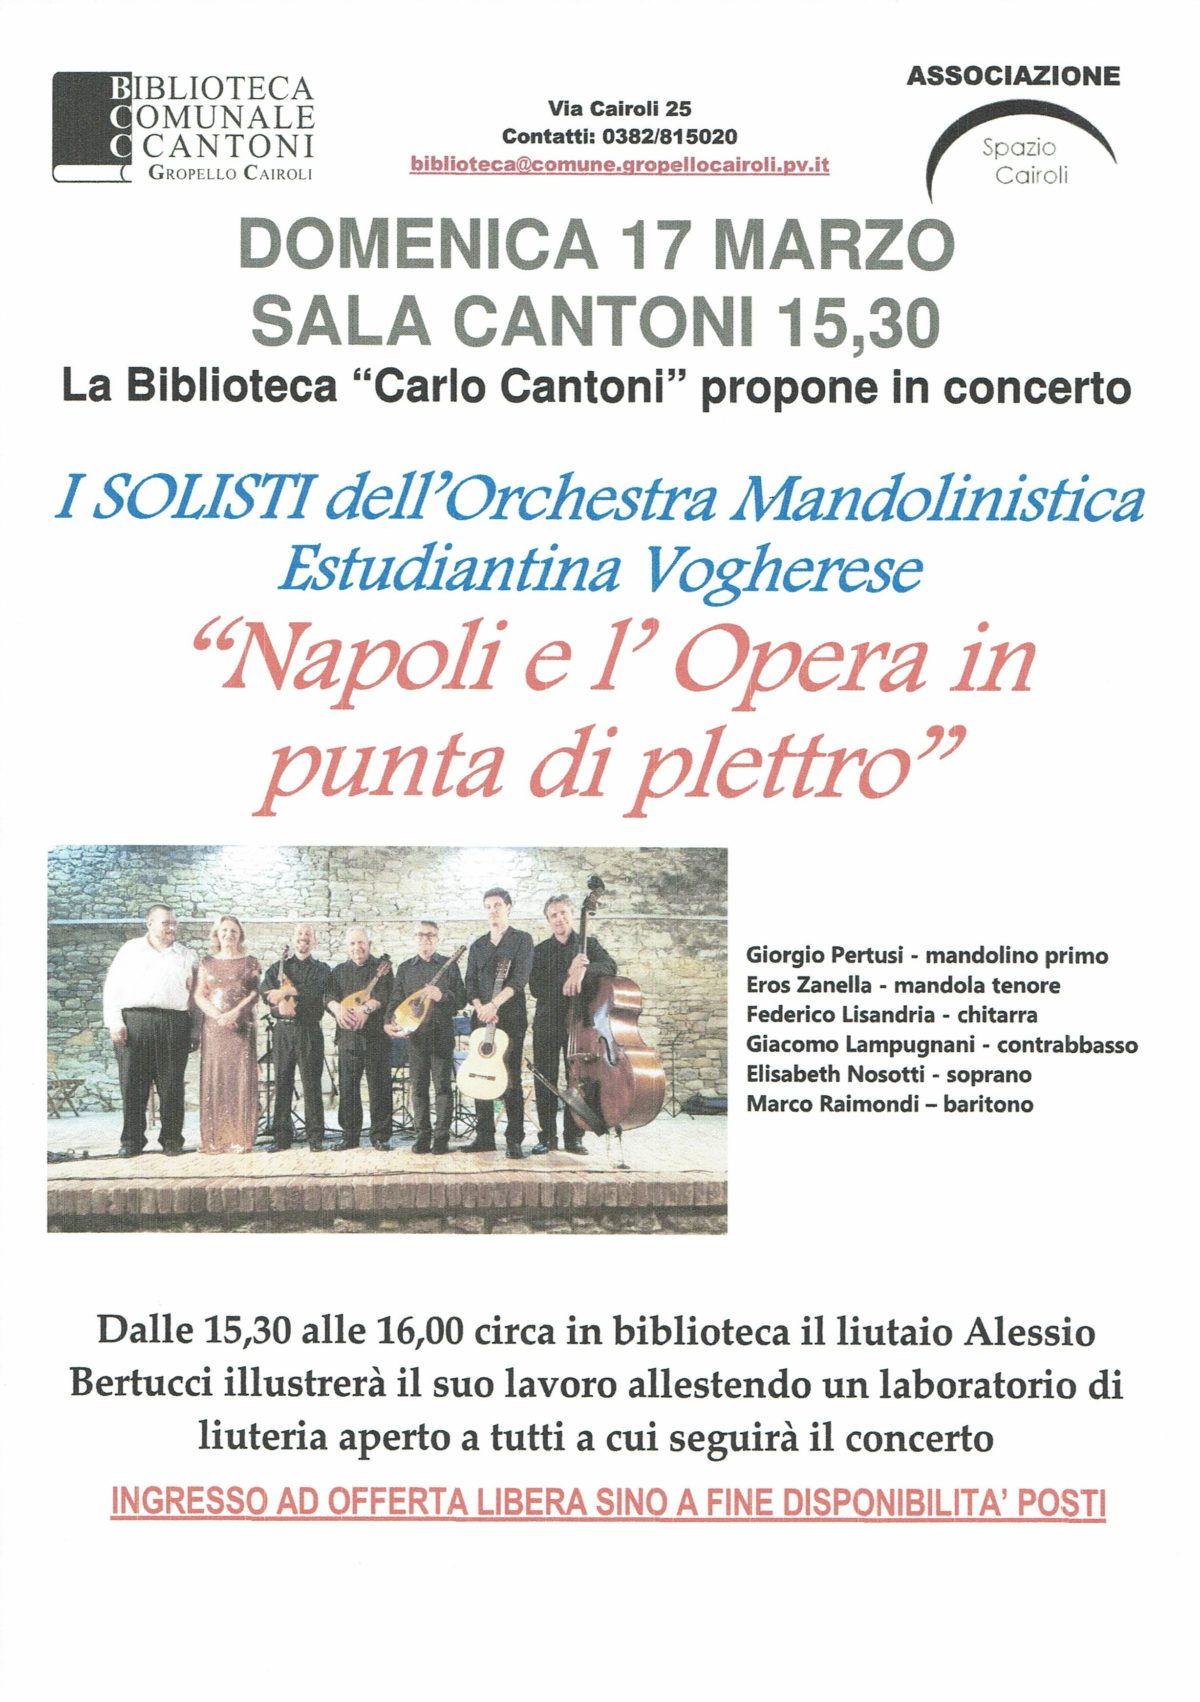 """Domenica 17 marzo Sala Cantoni – 15,30 concerto """"Napoli e l' Opera in punta di plettro"""" a cura de I SOLISTI dell'Orchestra Mandolinistica Estudiantina Vogherese"""